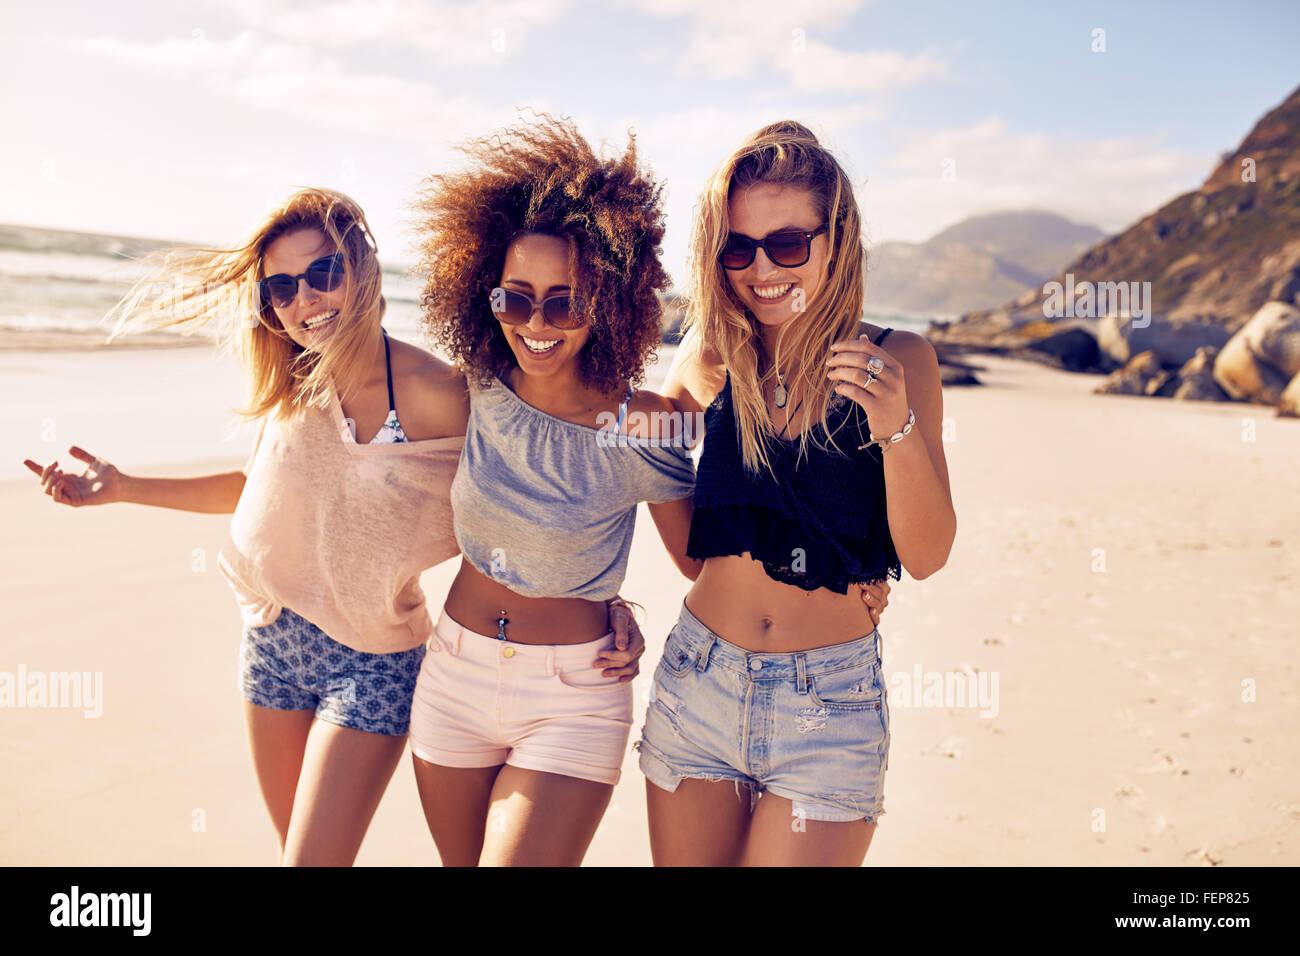 Porträt von drei jungen Freundinnen zu Fuß am Ufer Meeres Blick auf die Kamera zu lachen. Gemischtrassig Stockbild